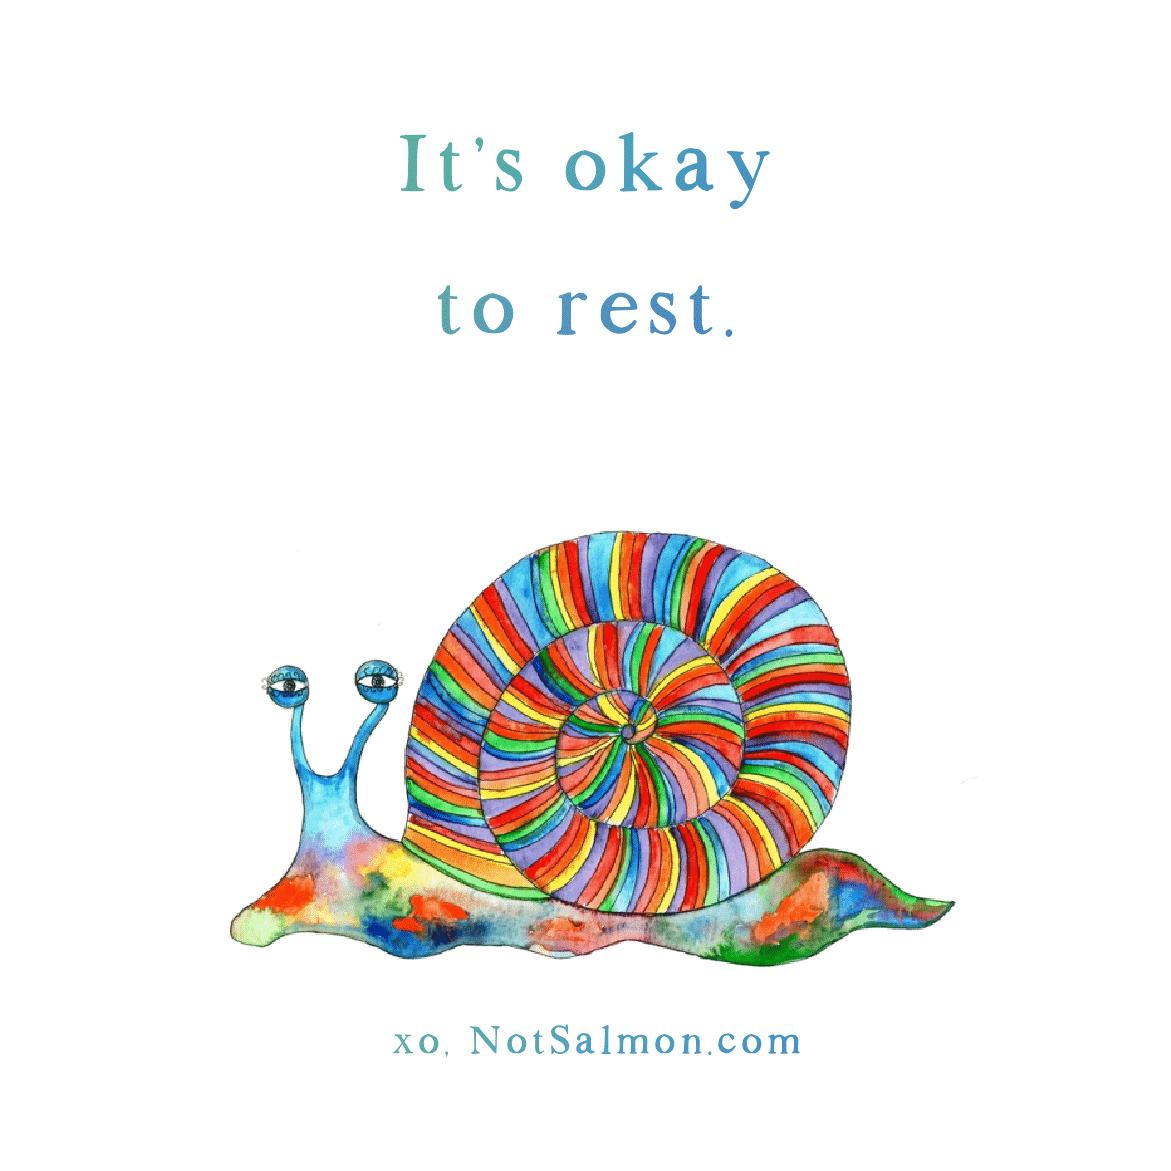 it's okay to rest quote salmansohn